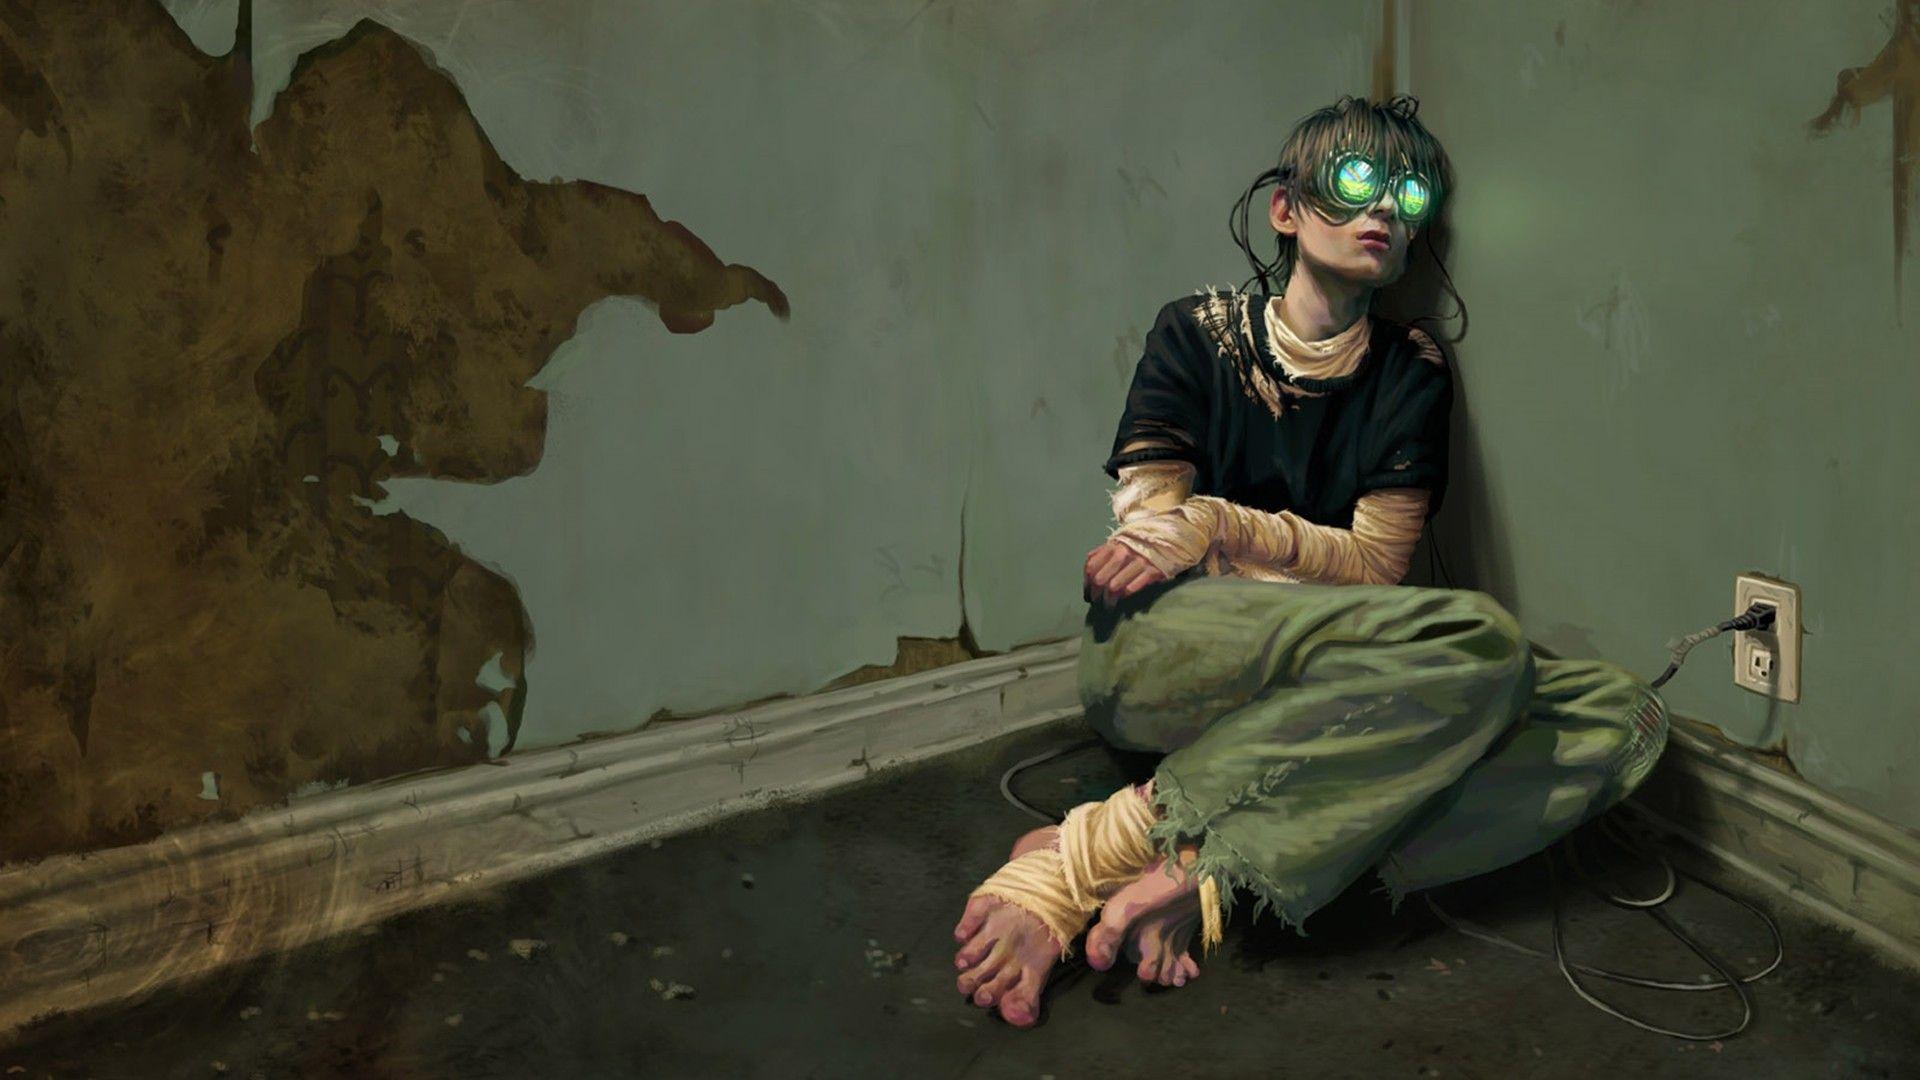 Dystopian Sad Cyberpunk Virtual Reality Wallpaper